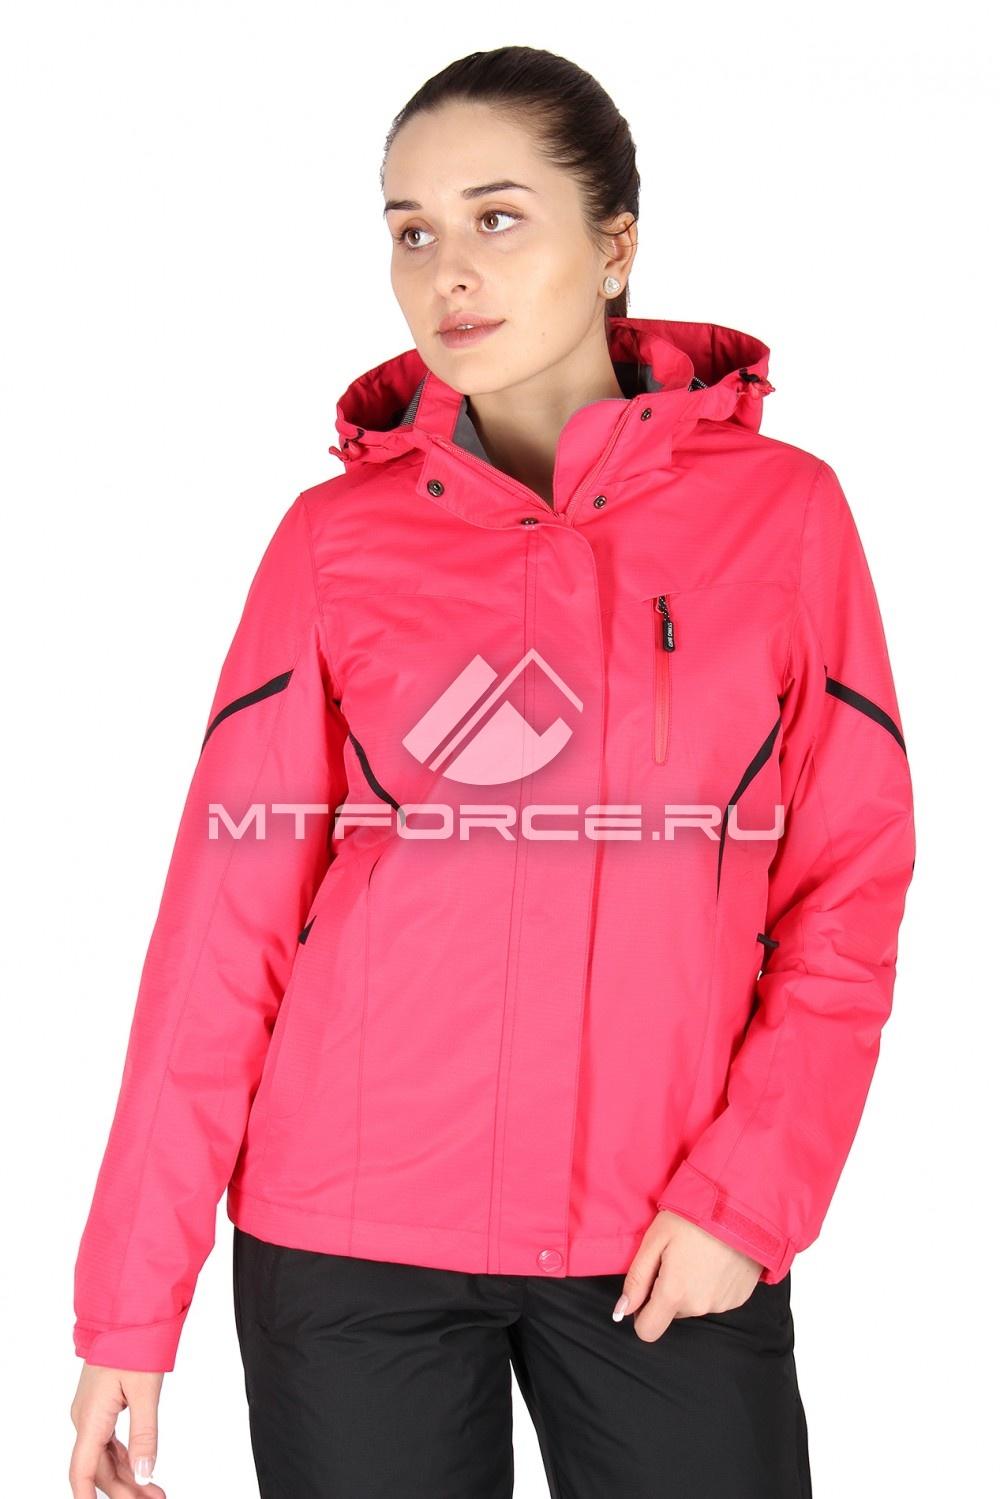 Купить                                  оптом Куртка женская весна красного цвета 1615Kr